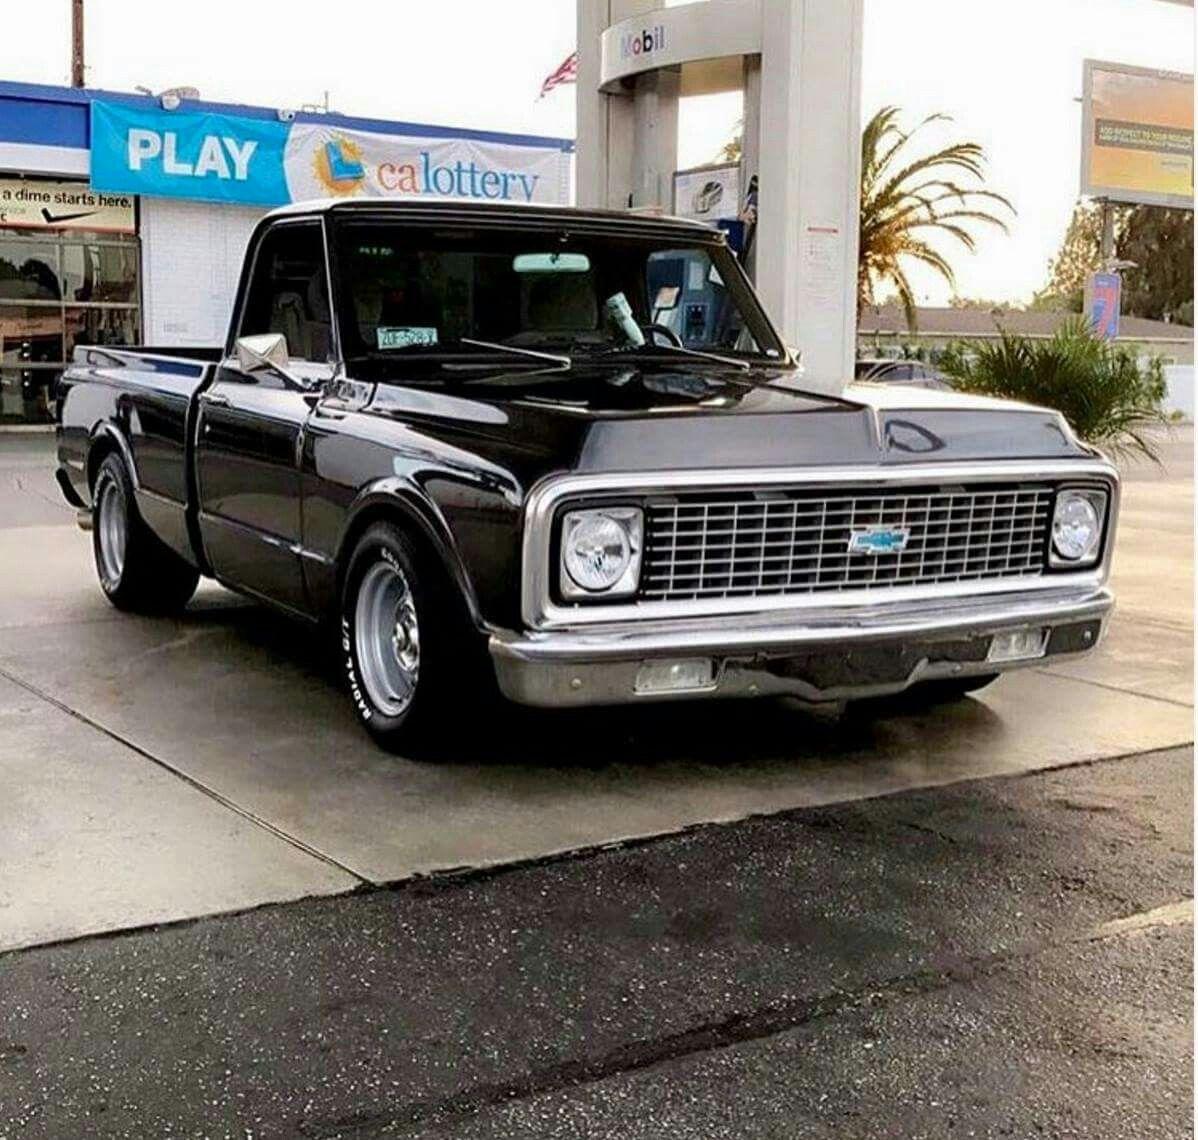 Pin De Edgar A Zubieta En Chevy Truck Pinterest Camioneta Pick Camionetas Chevrolet Modificadas Autos Clasicos Coches Clsicos Motocicletas Chatas Up